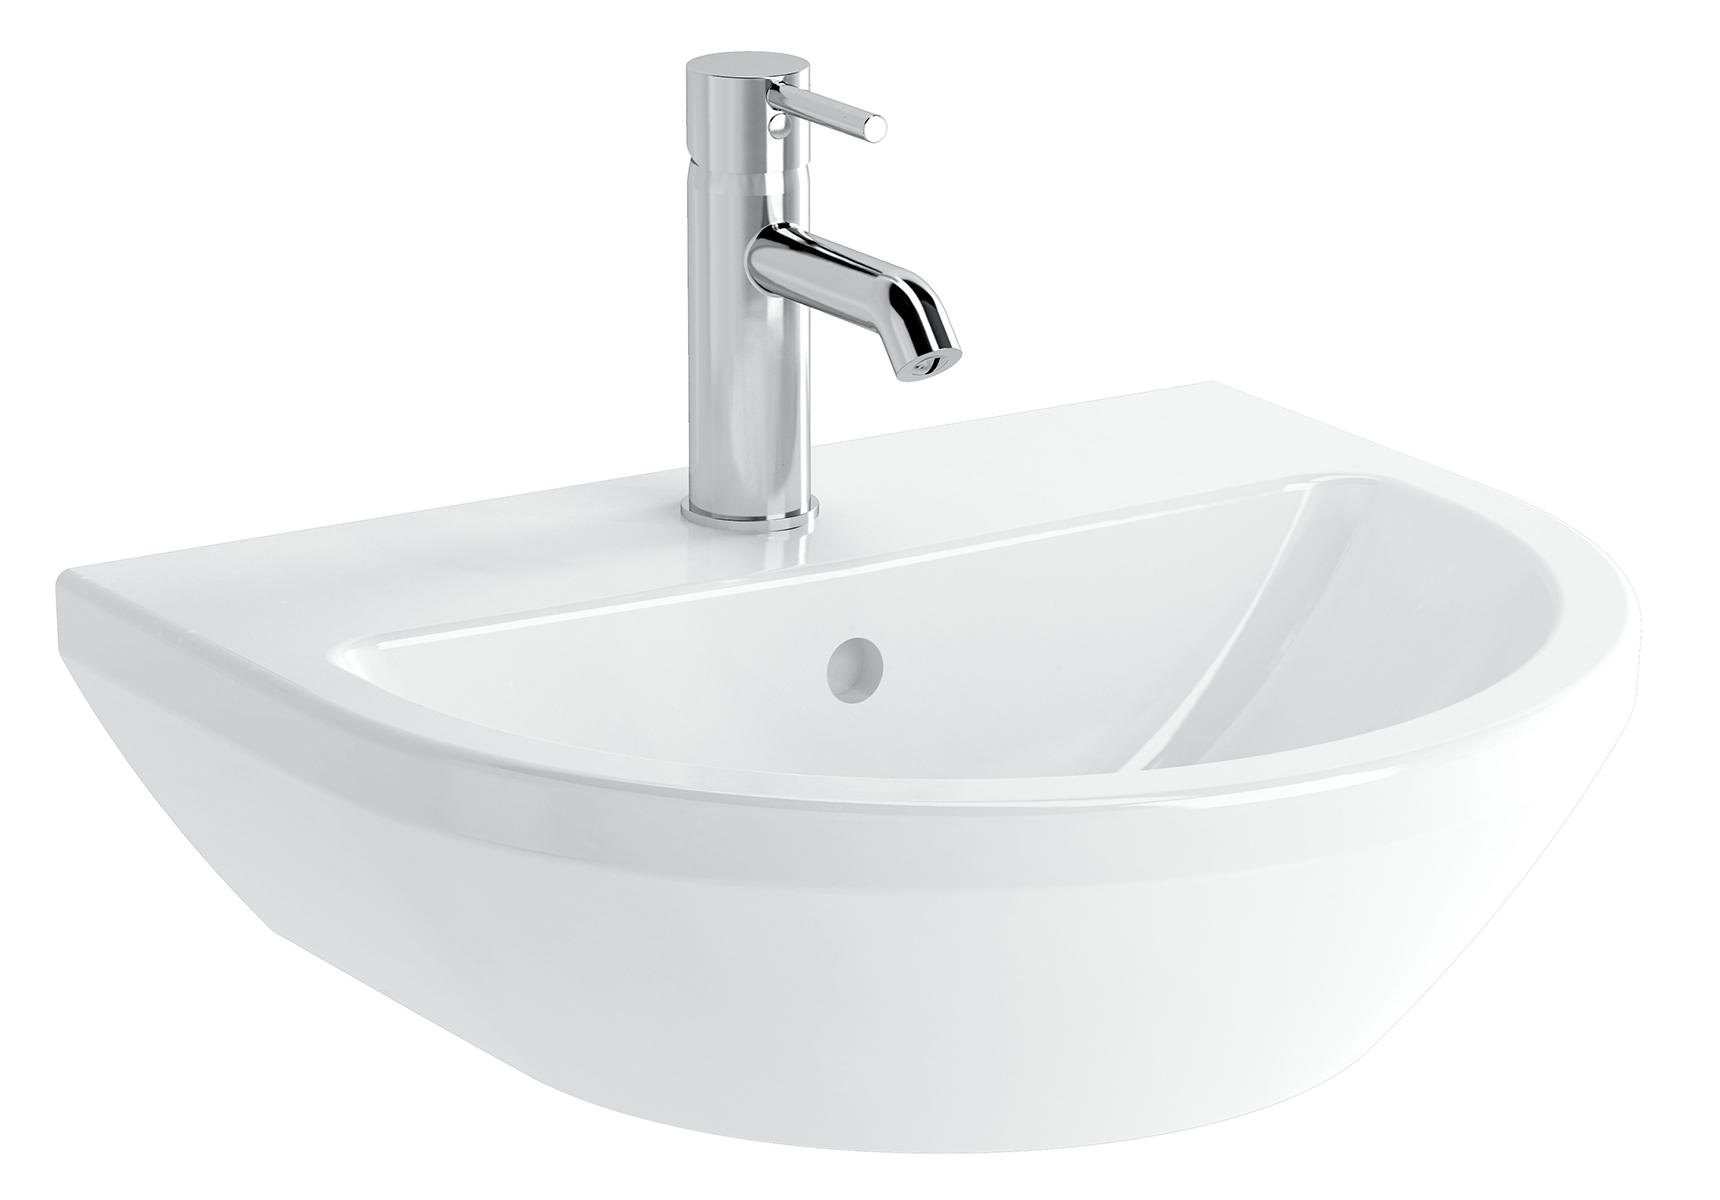 Integra lavabo rond, 50 cm, sans trou de robinet, avec trop-plein